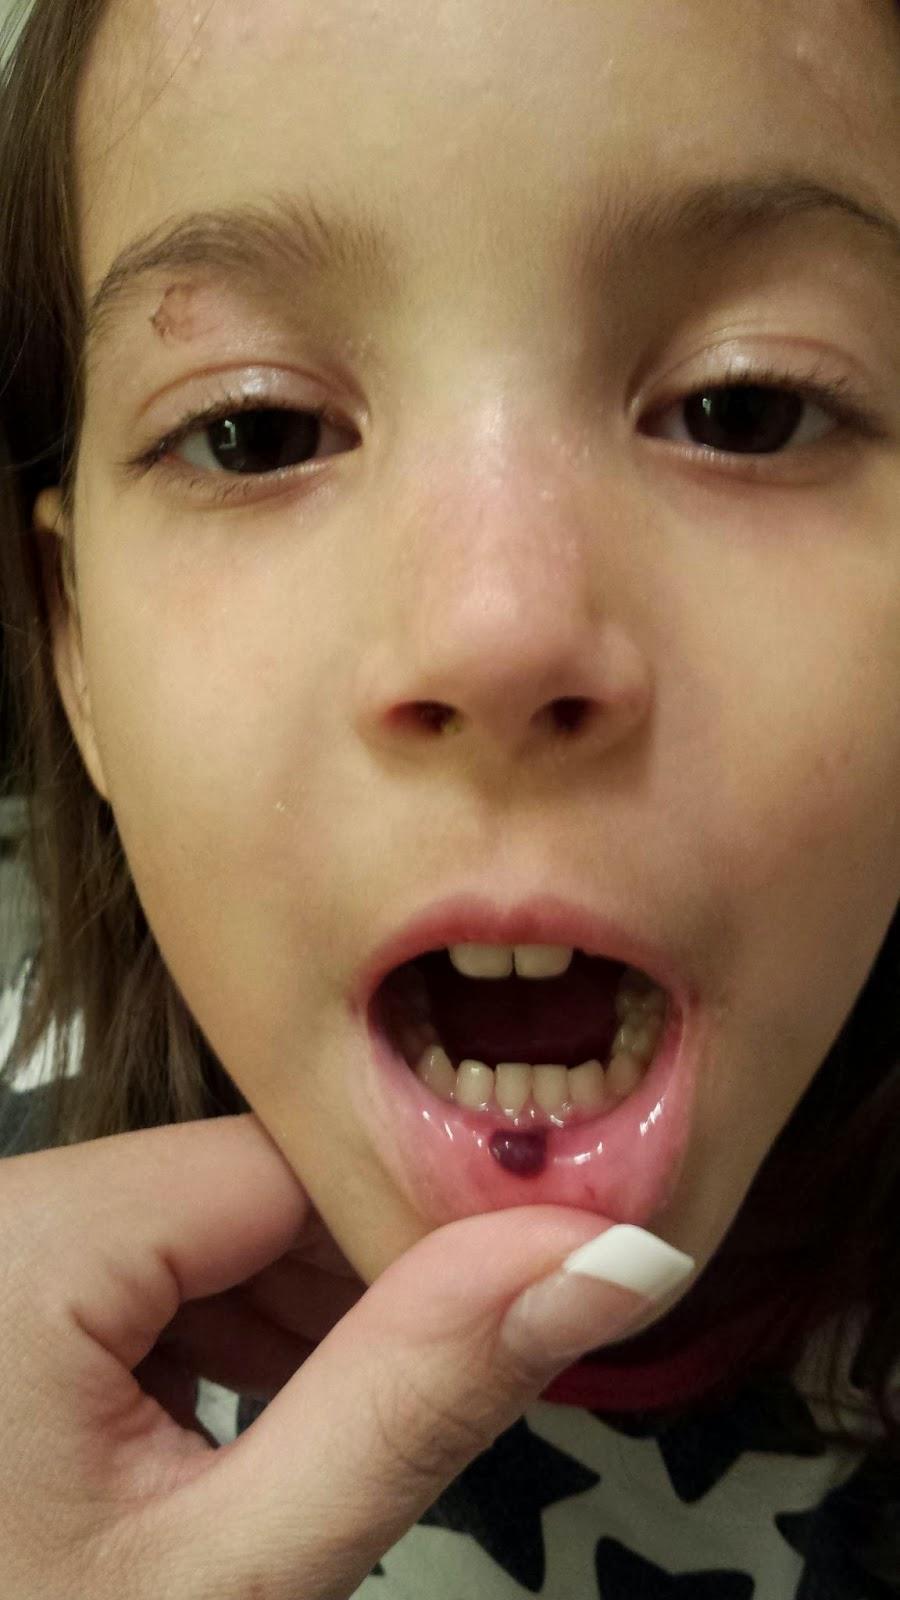 kvinnerollen i dag sprute i munnen